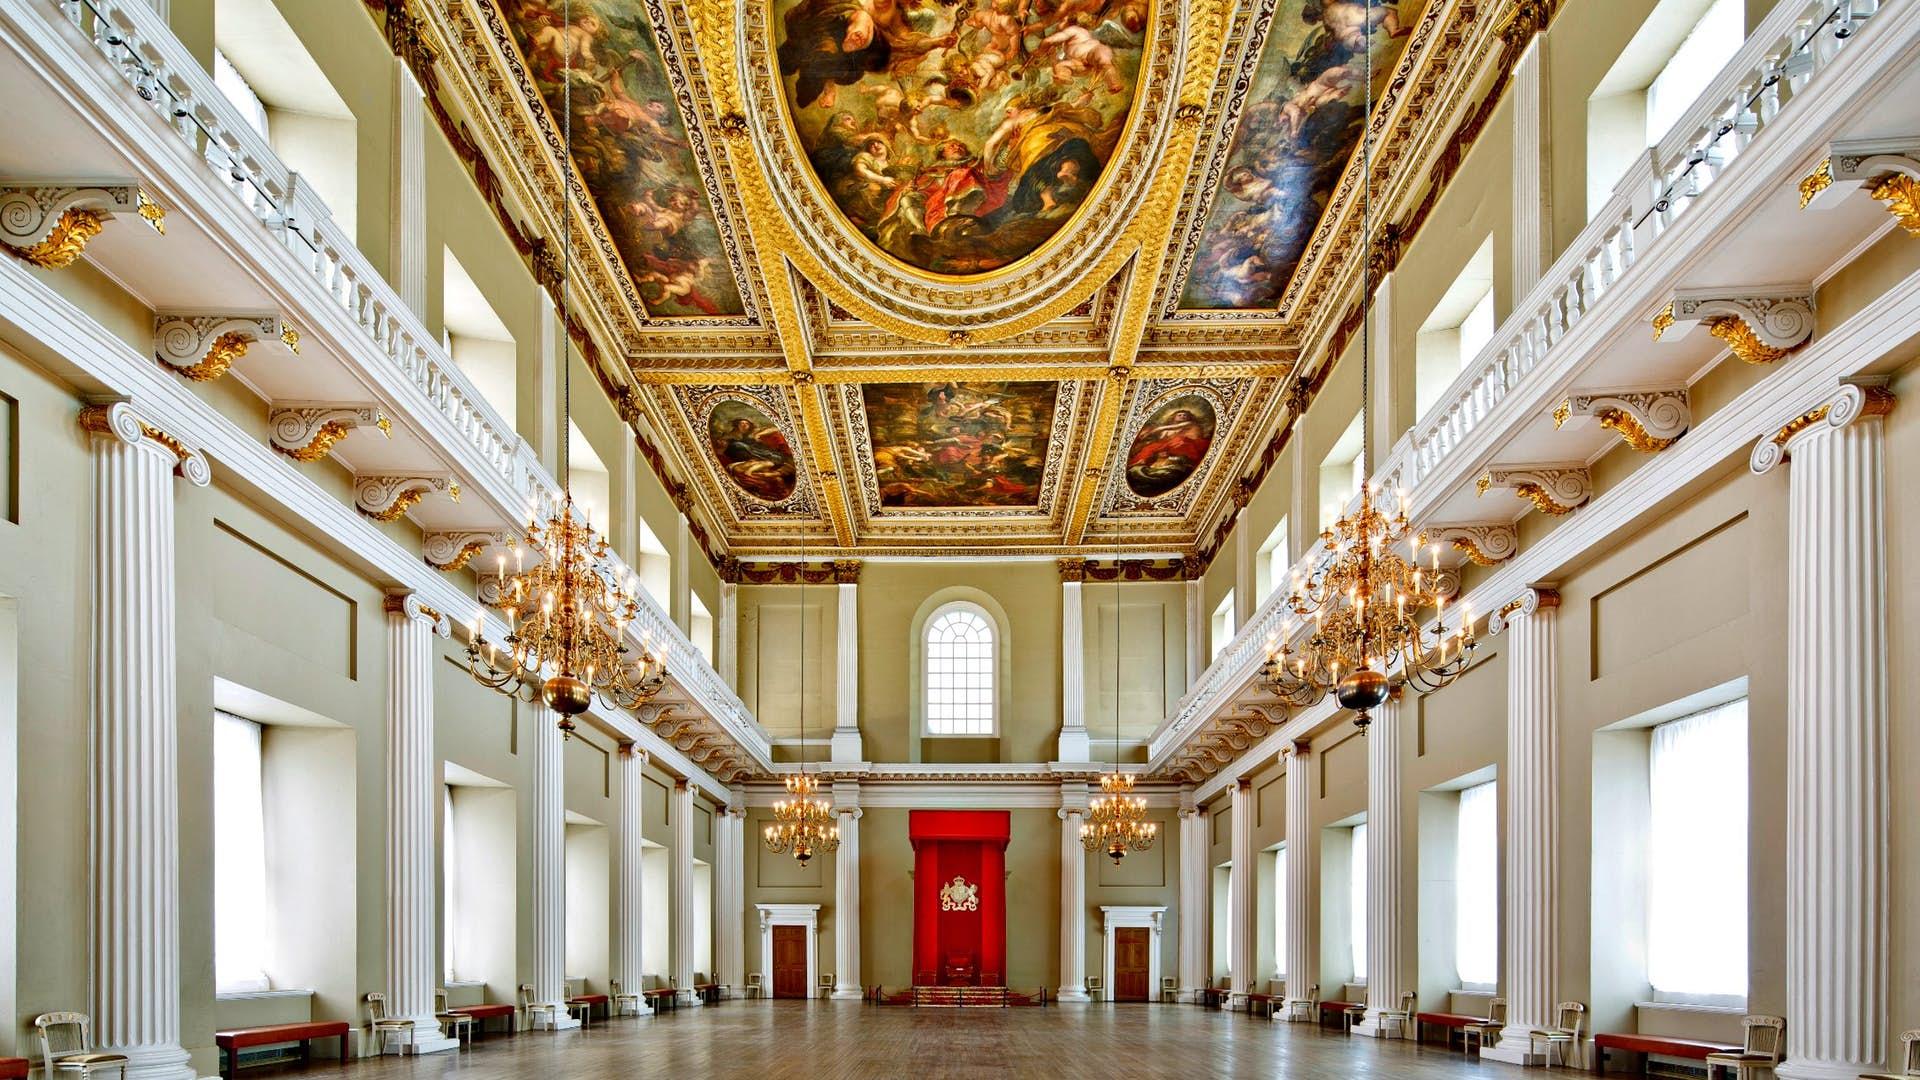 House Museums in London House Museums in London 5 Beautiful House Museums in London You Must Visit in 2018 vlhac02kkna